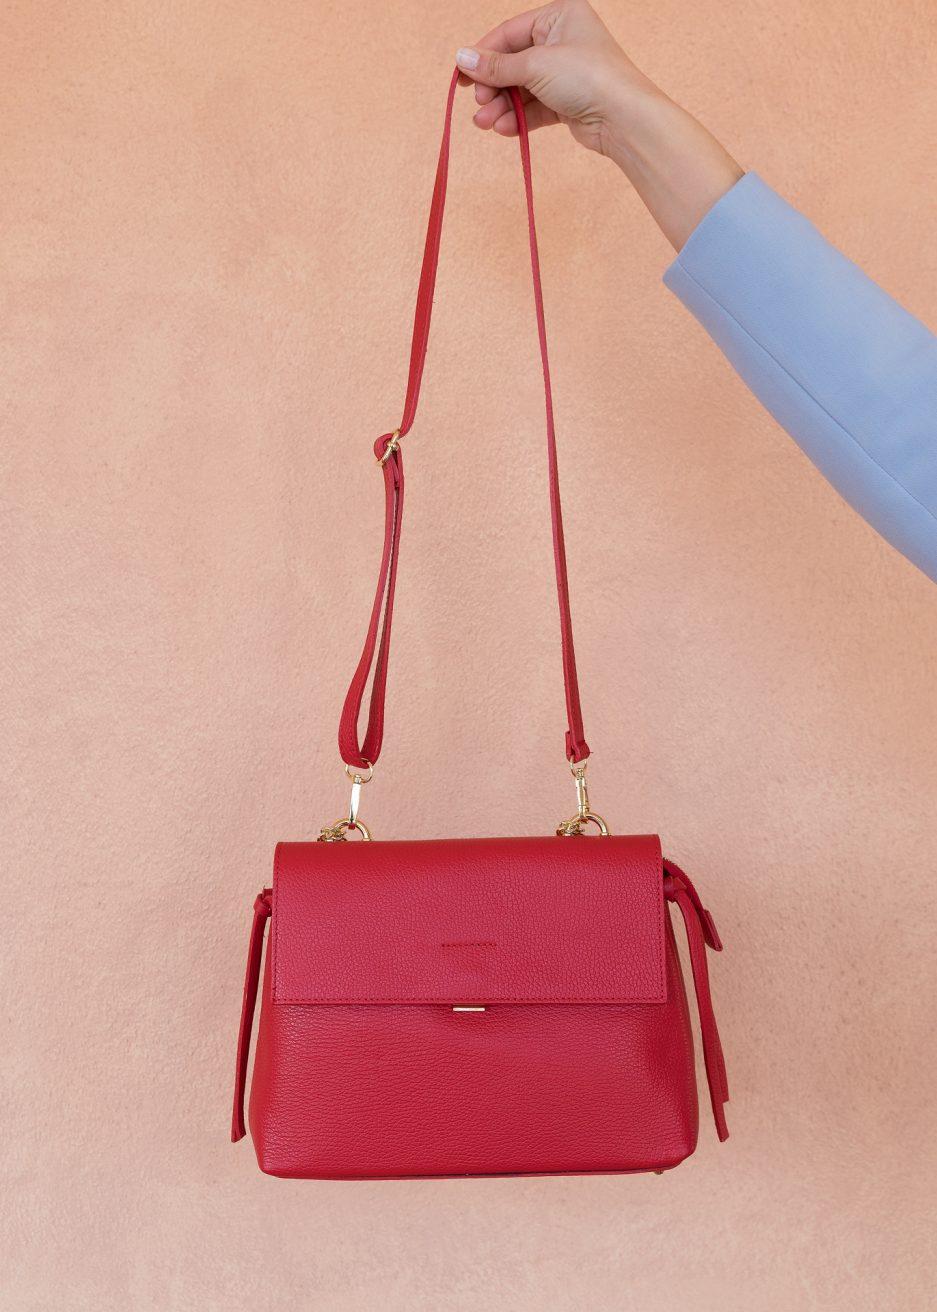 borsa rosso fuoco